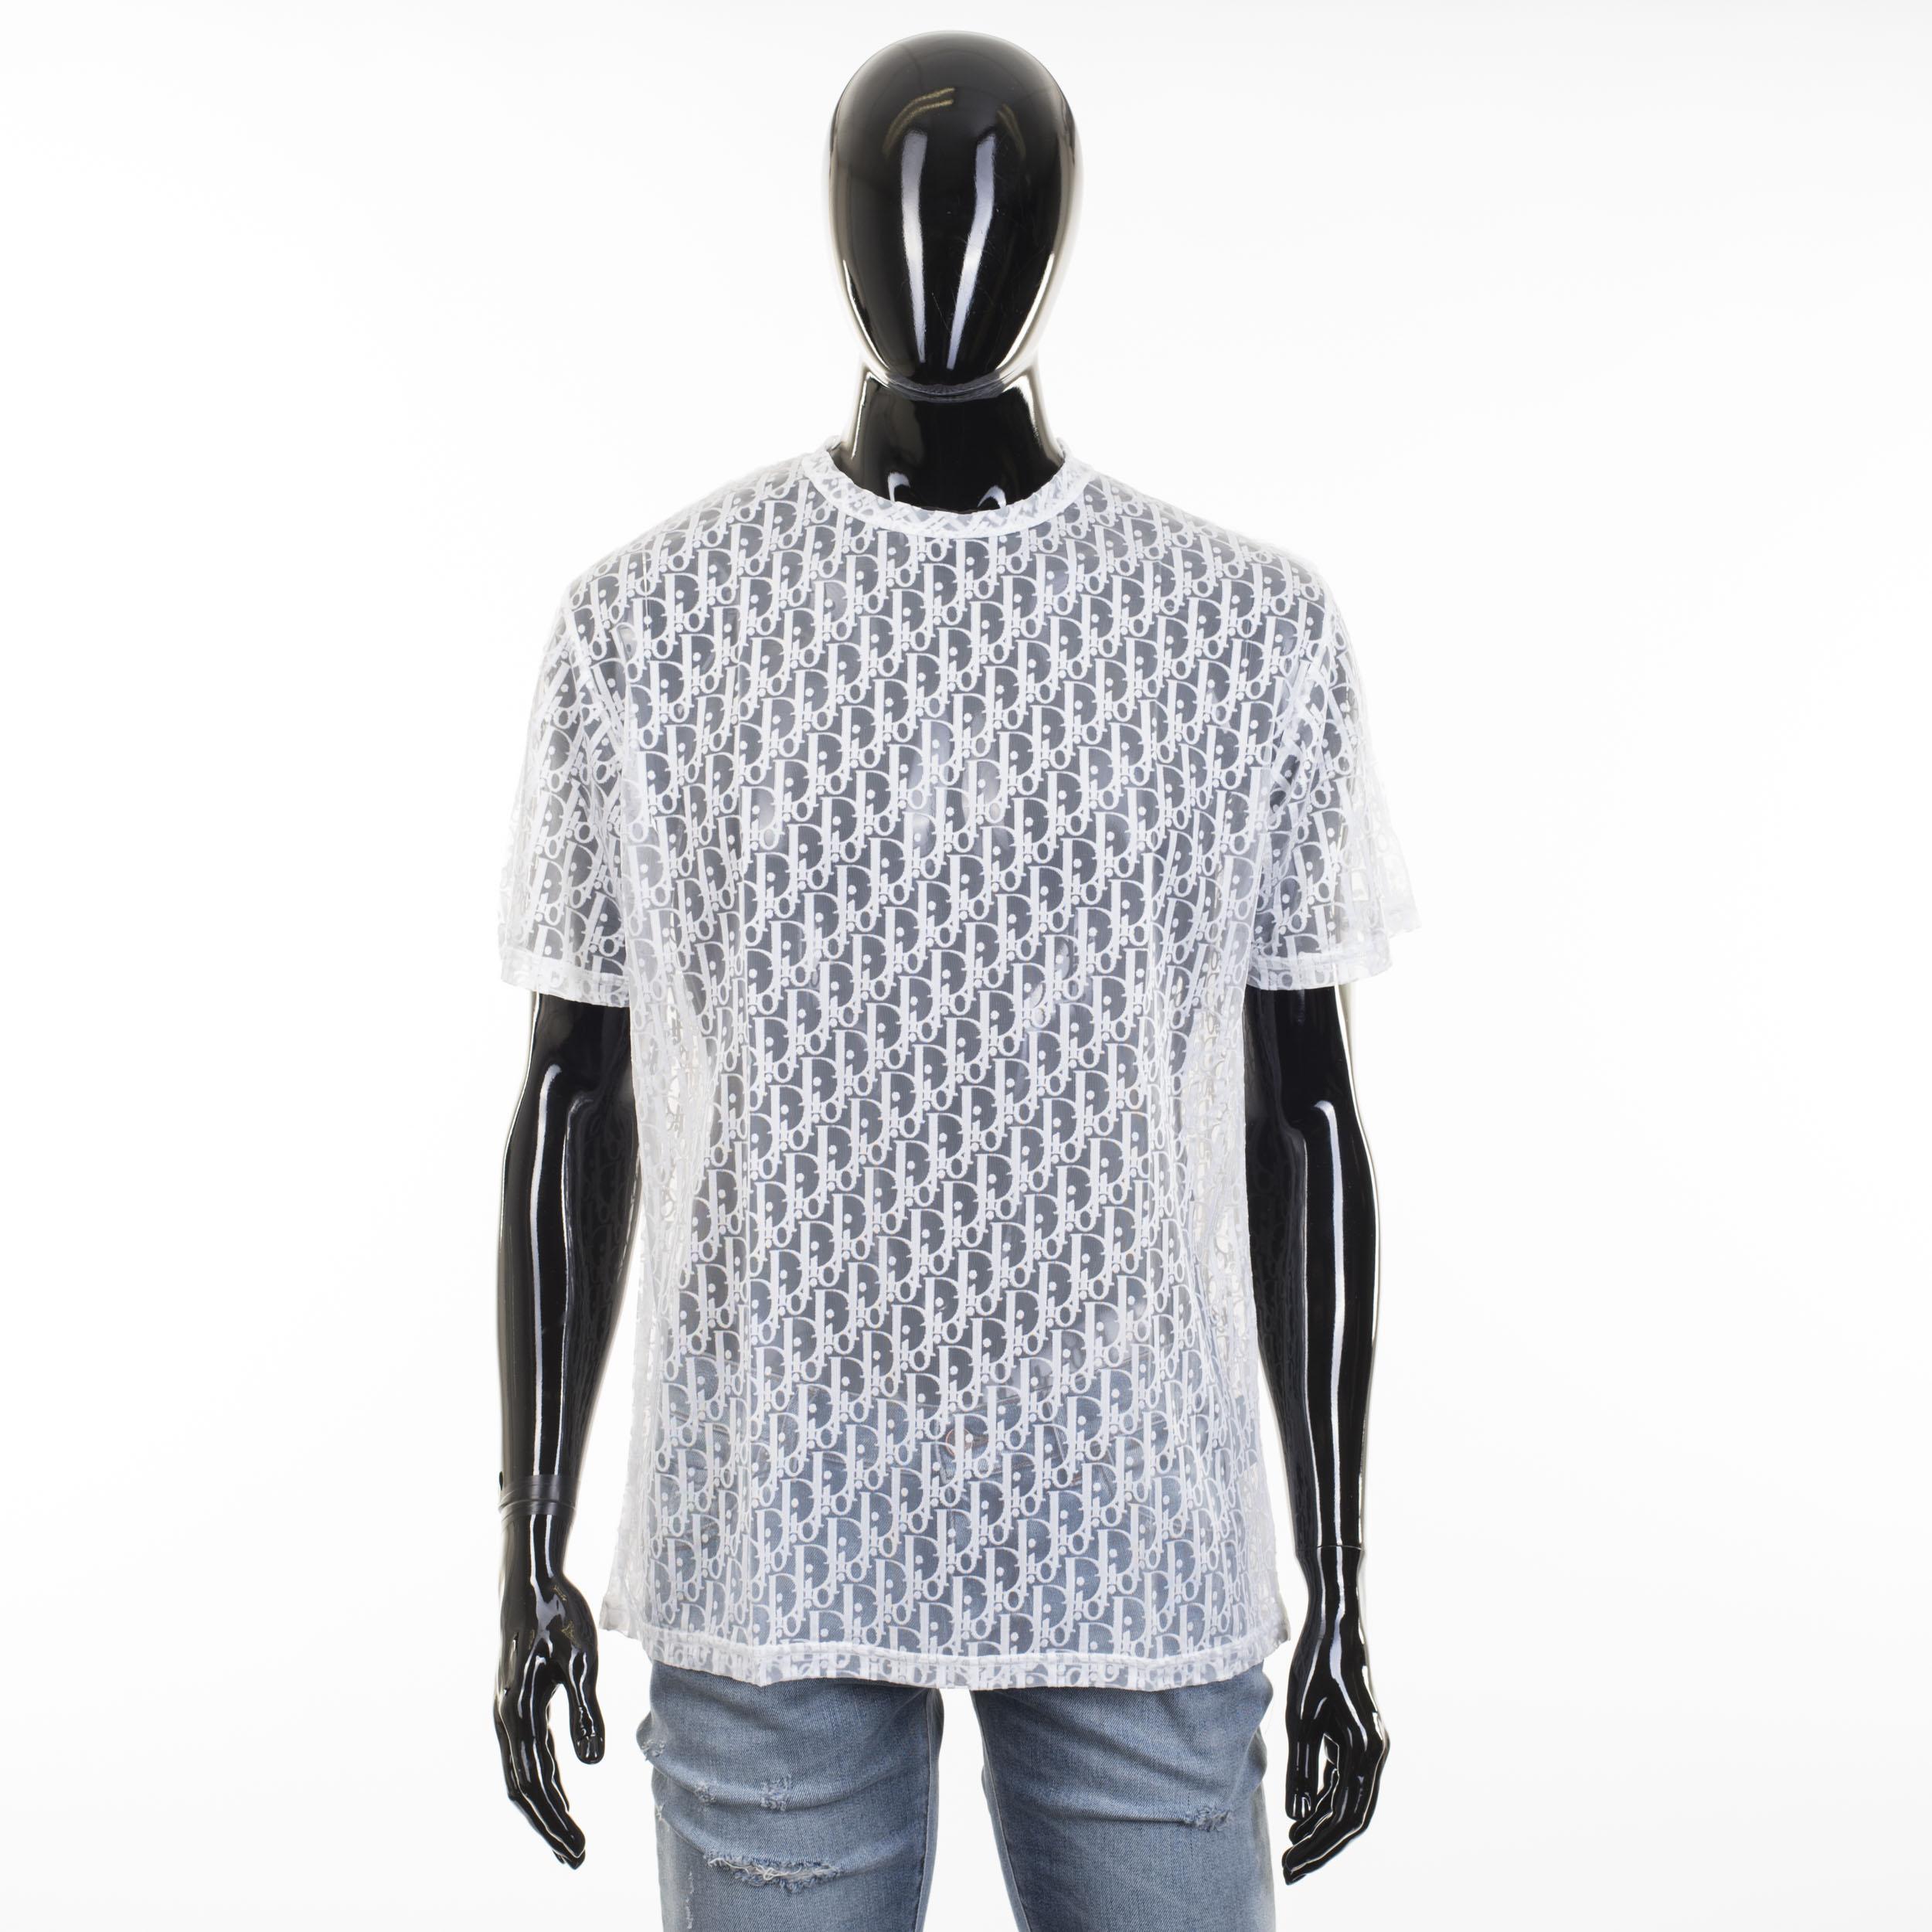 e84f5097 Dior Tshirt In White Viscose With 'dior Oblique' Devore Effect | Grailed